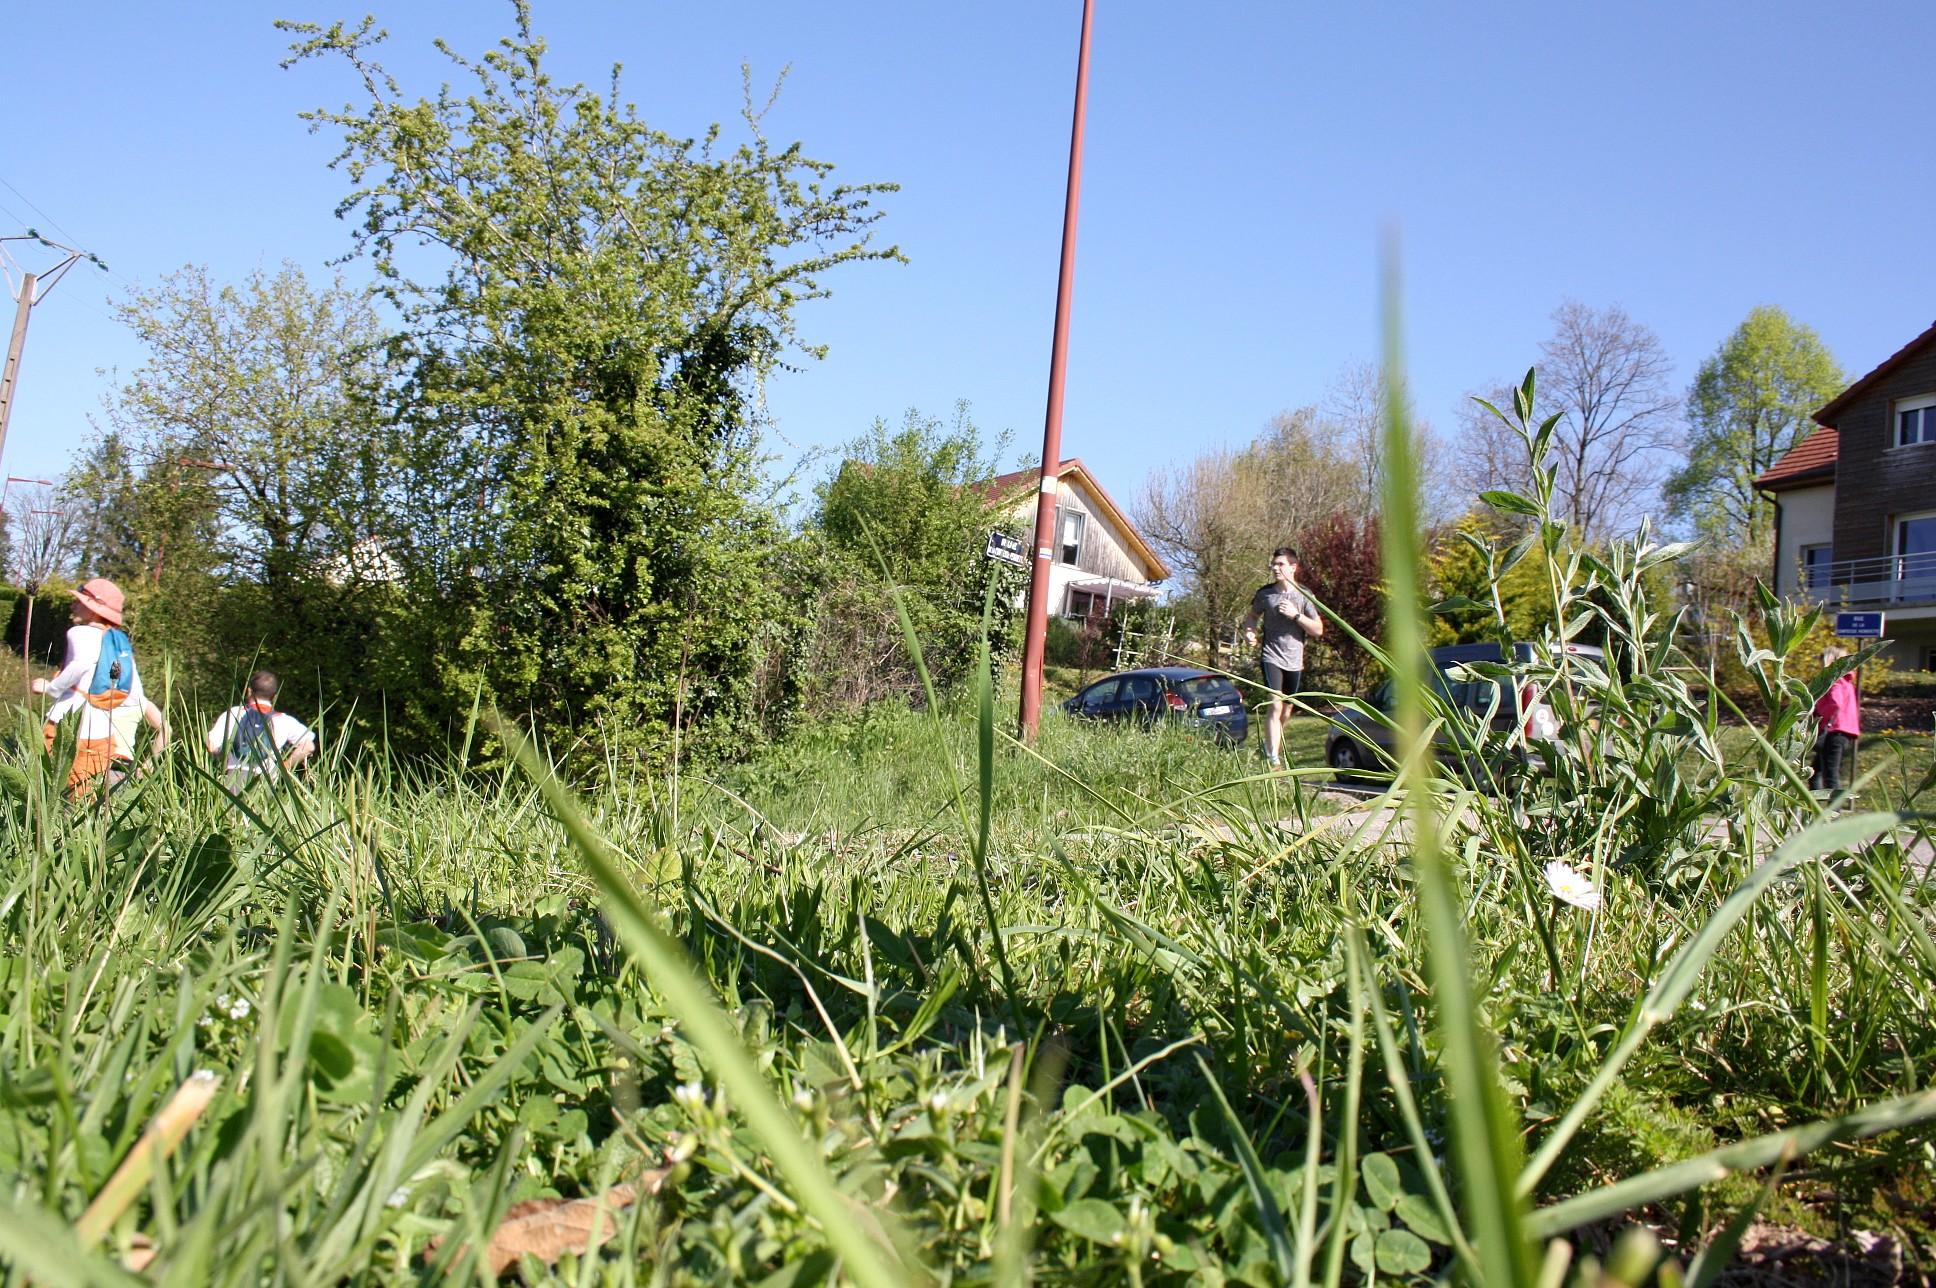 2017-04-09 - Trail-Montfaucon-Juliette (216)